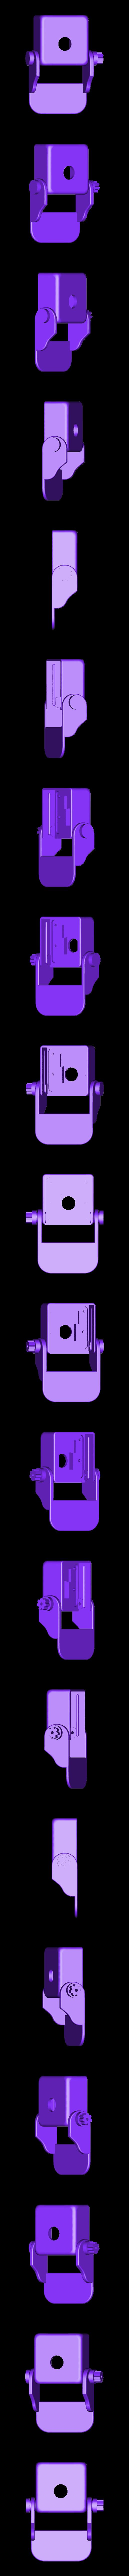 BETTER_PRINTING_camera_v4_v1.stl Télécharger fichier STL gratuit Support de caméra 3D pour Raspberry pi • Design imprimable en 3D, Jadkison60